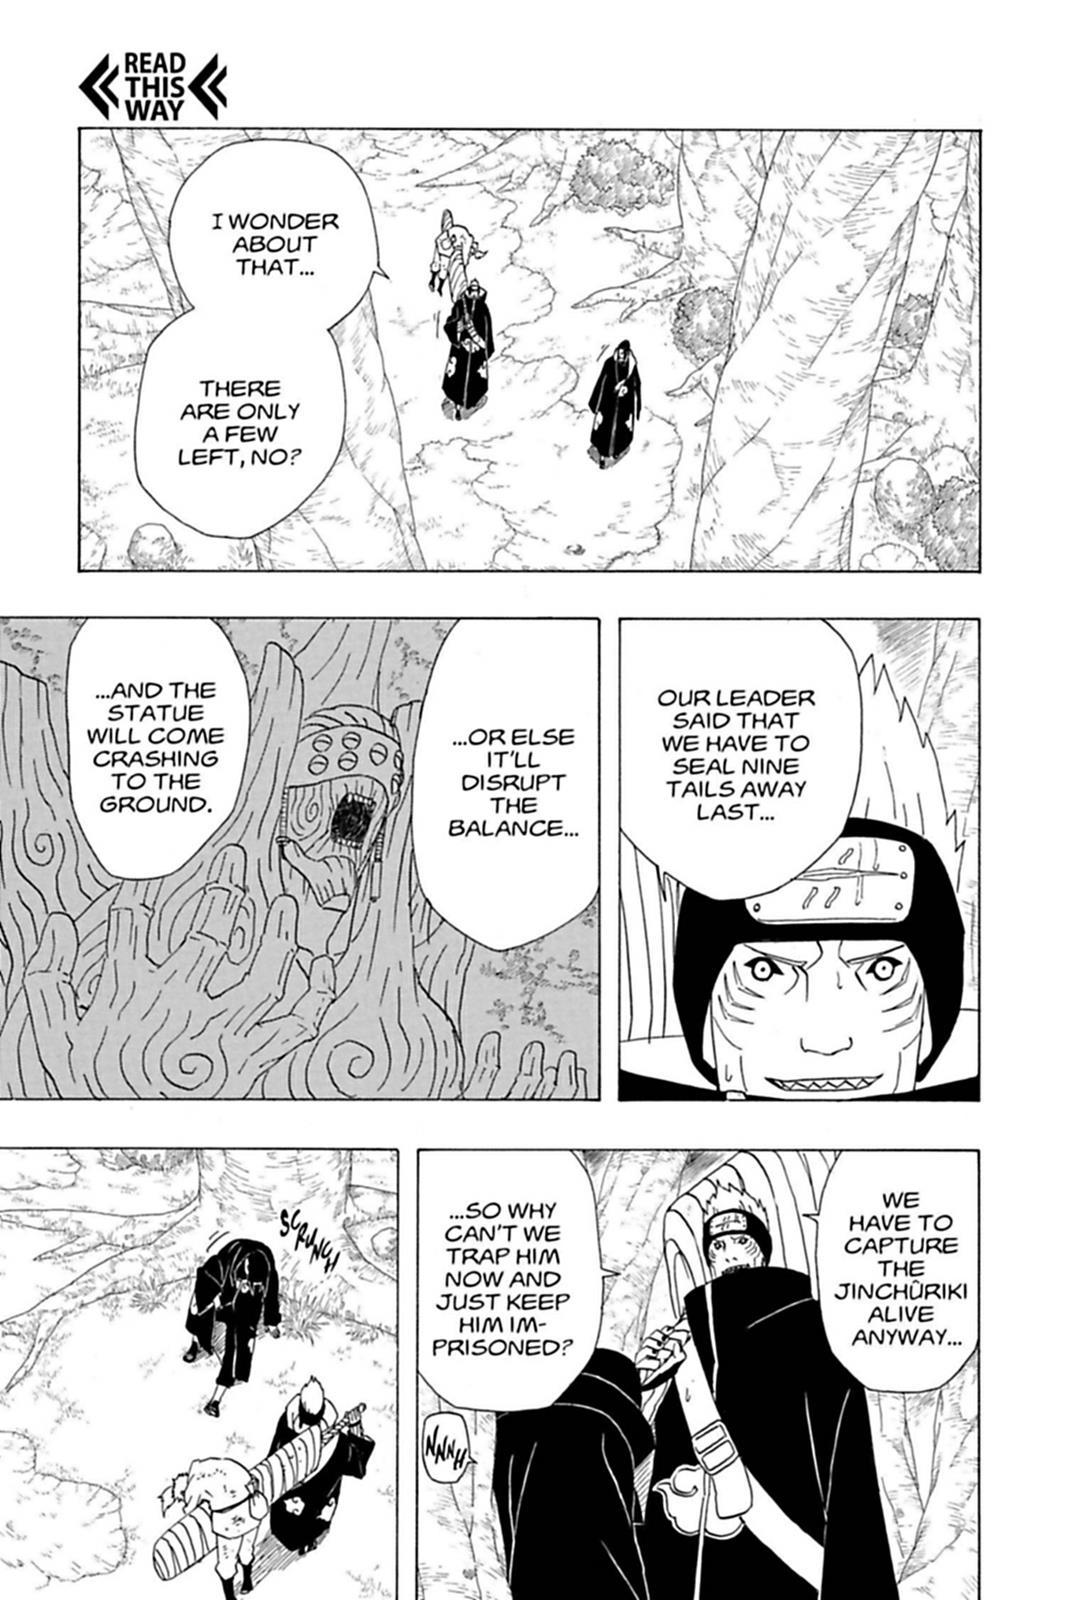 Jiraiya fazer frente a Itachi + Kisame não faz sentido para você? - Página 2 0353-005